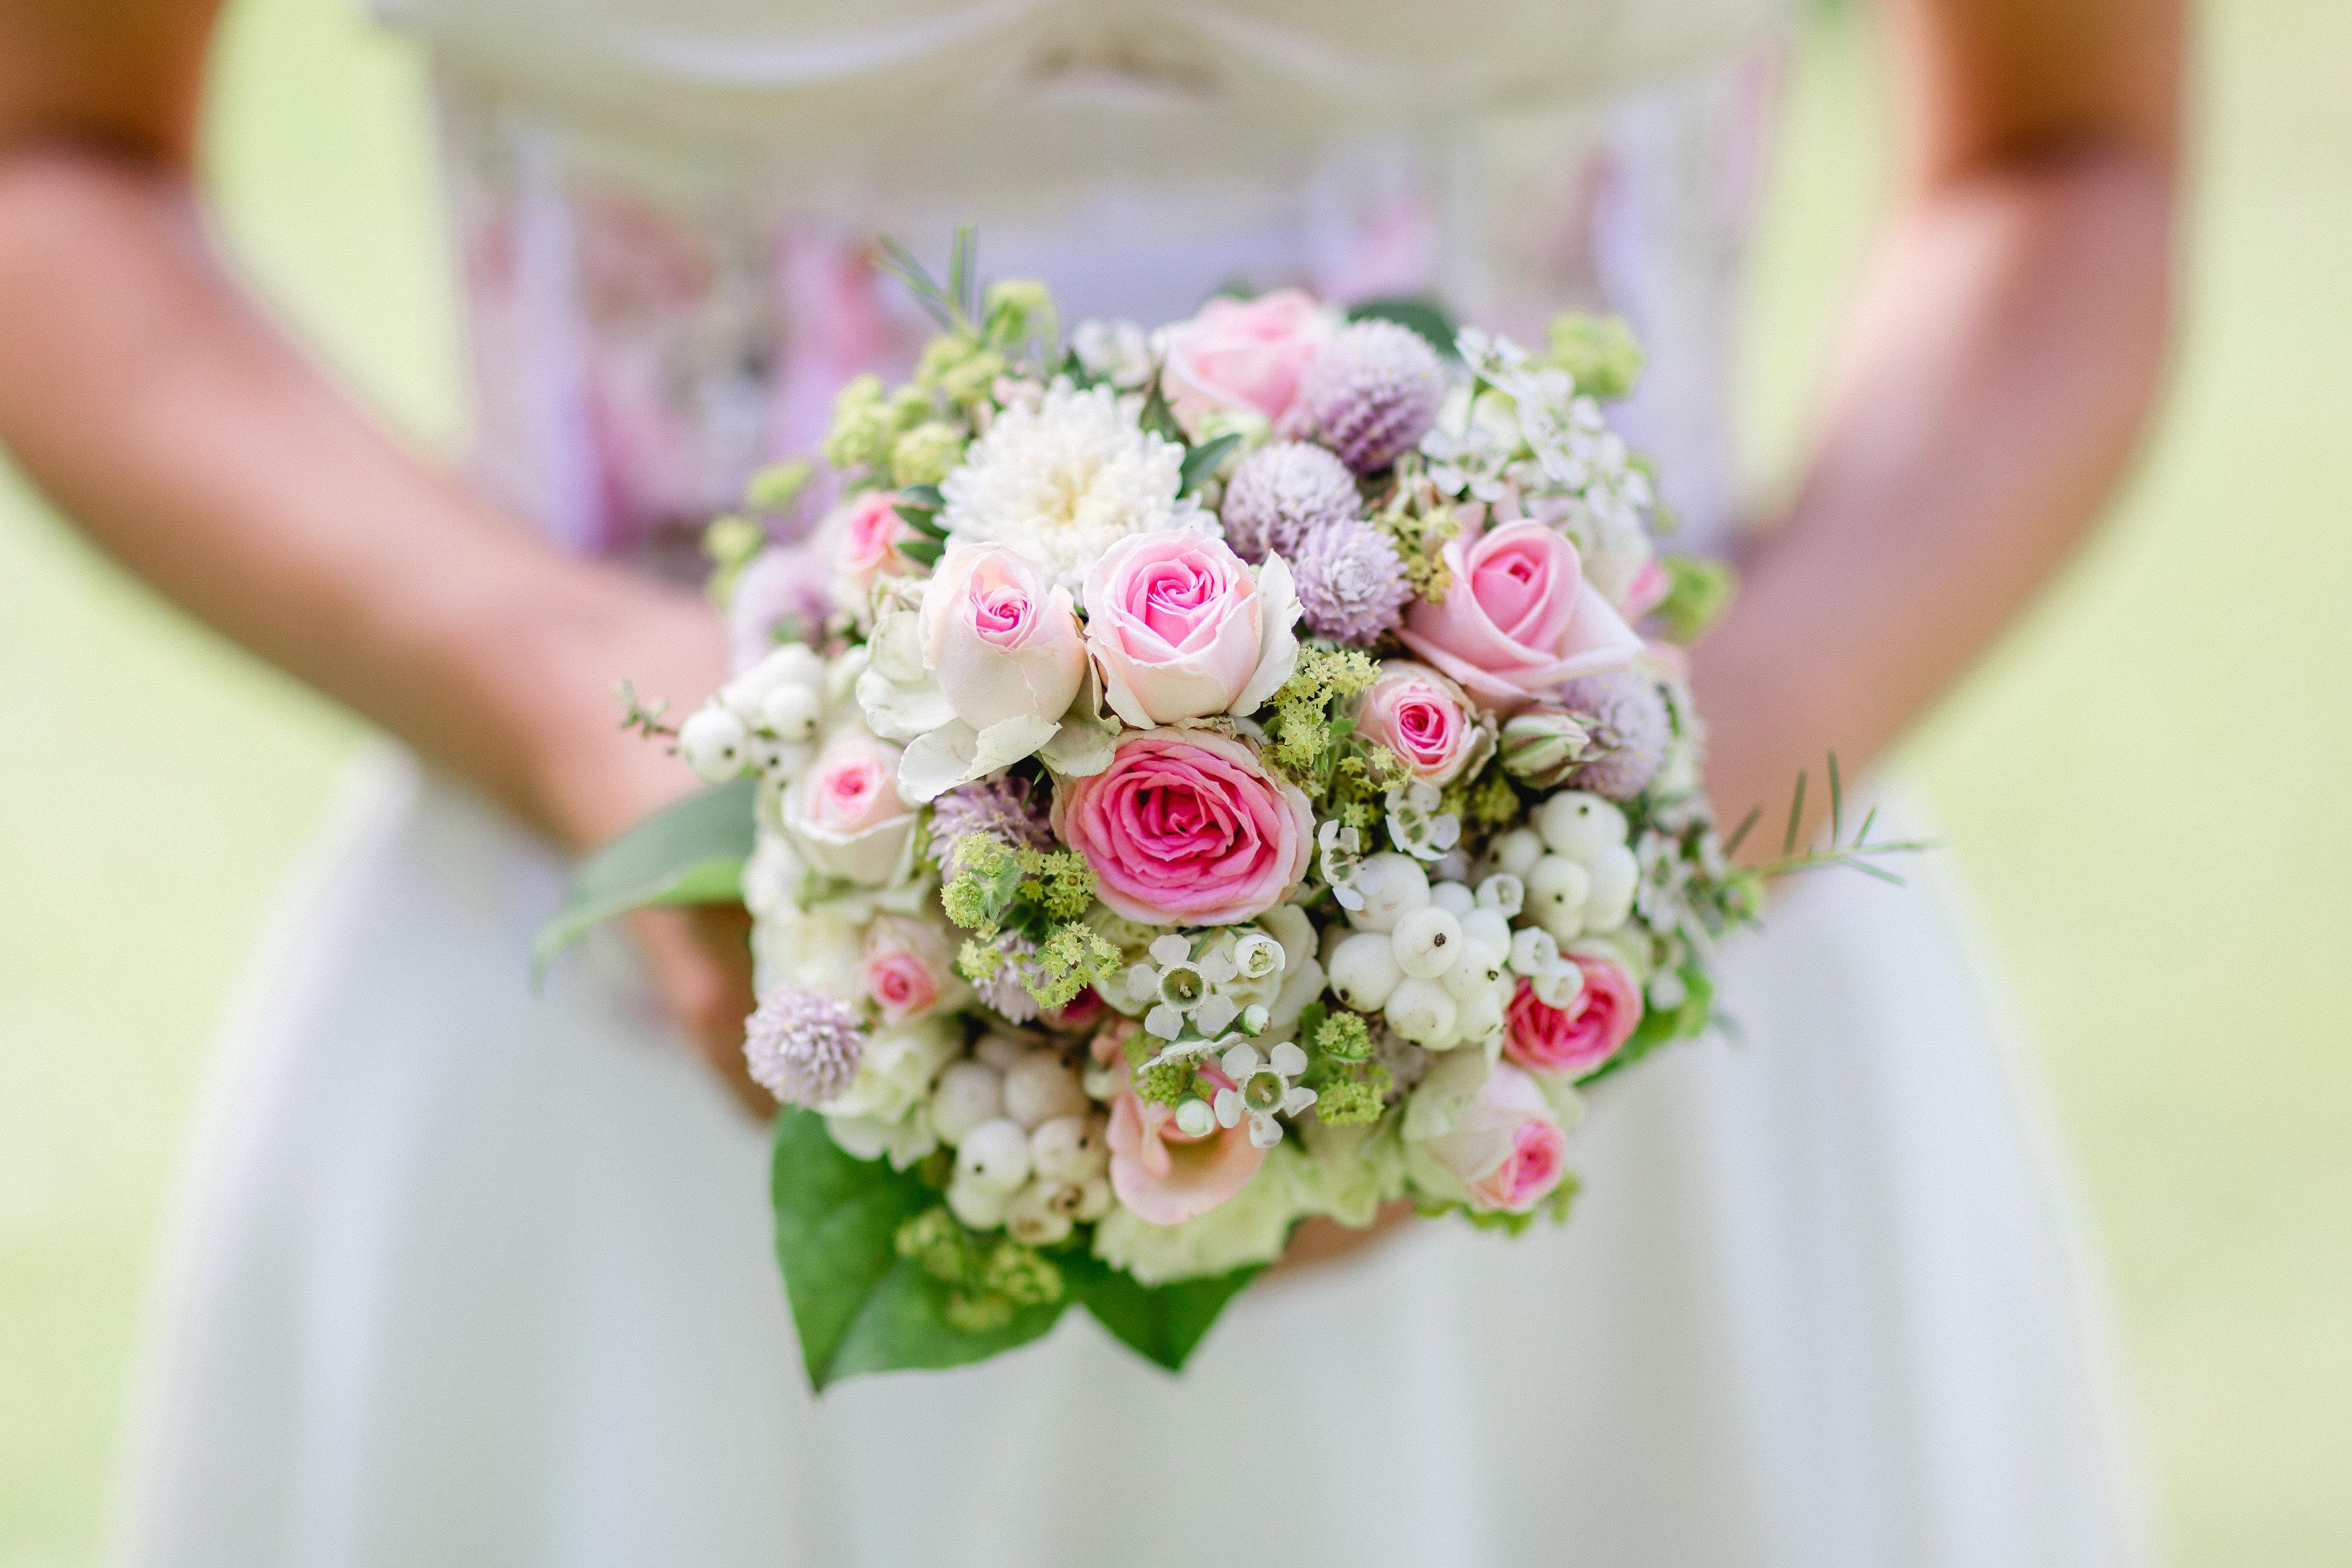 Kosten Deko Und Blumen Hochzeit - Über Blumen